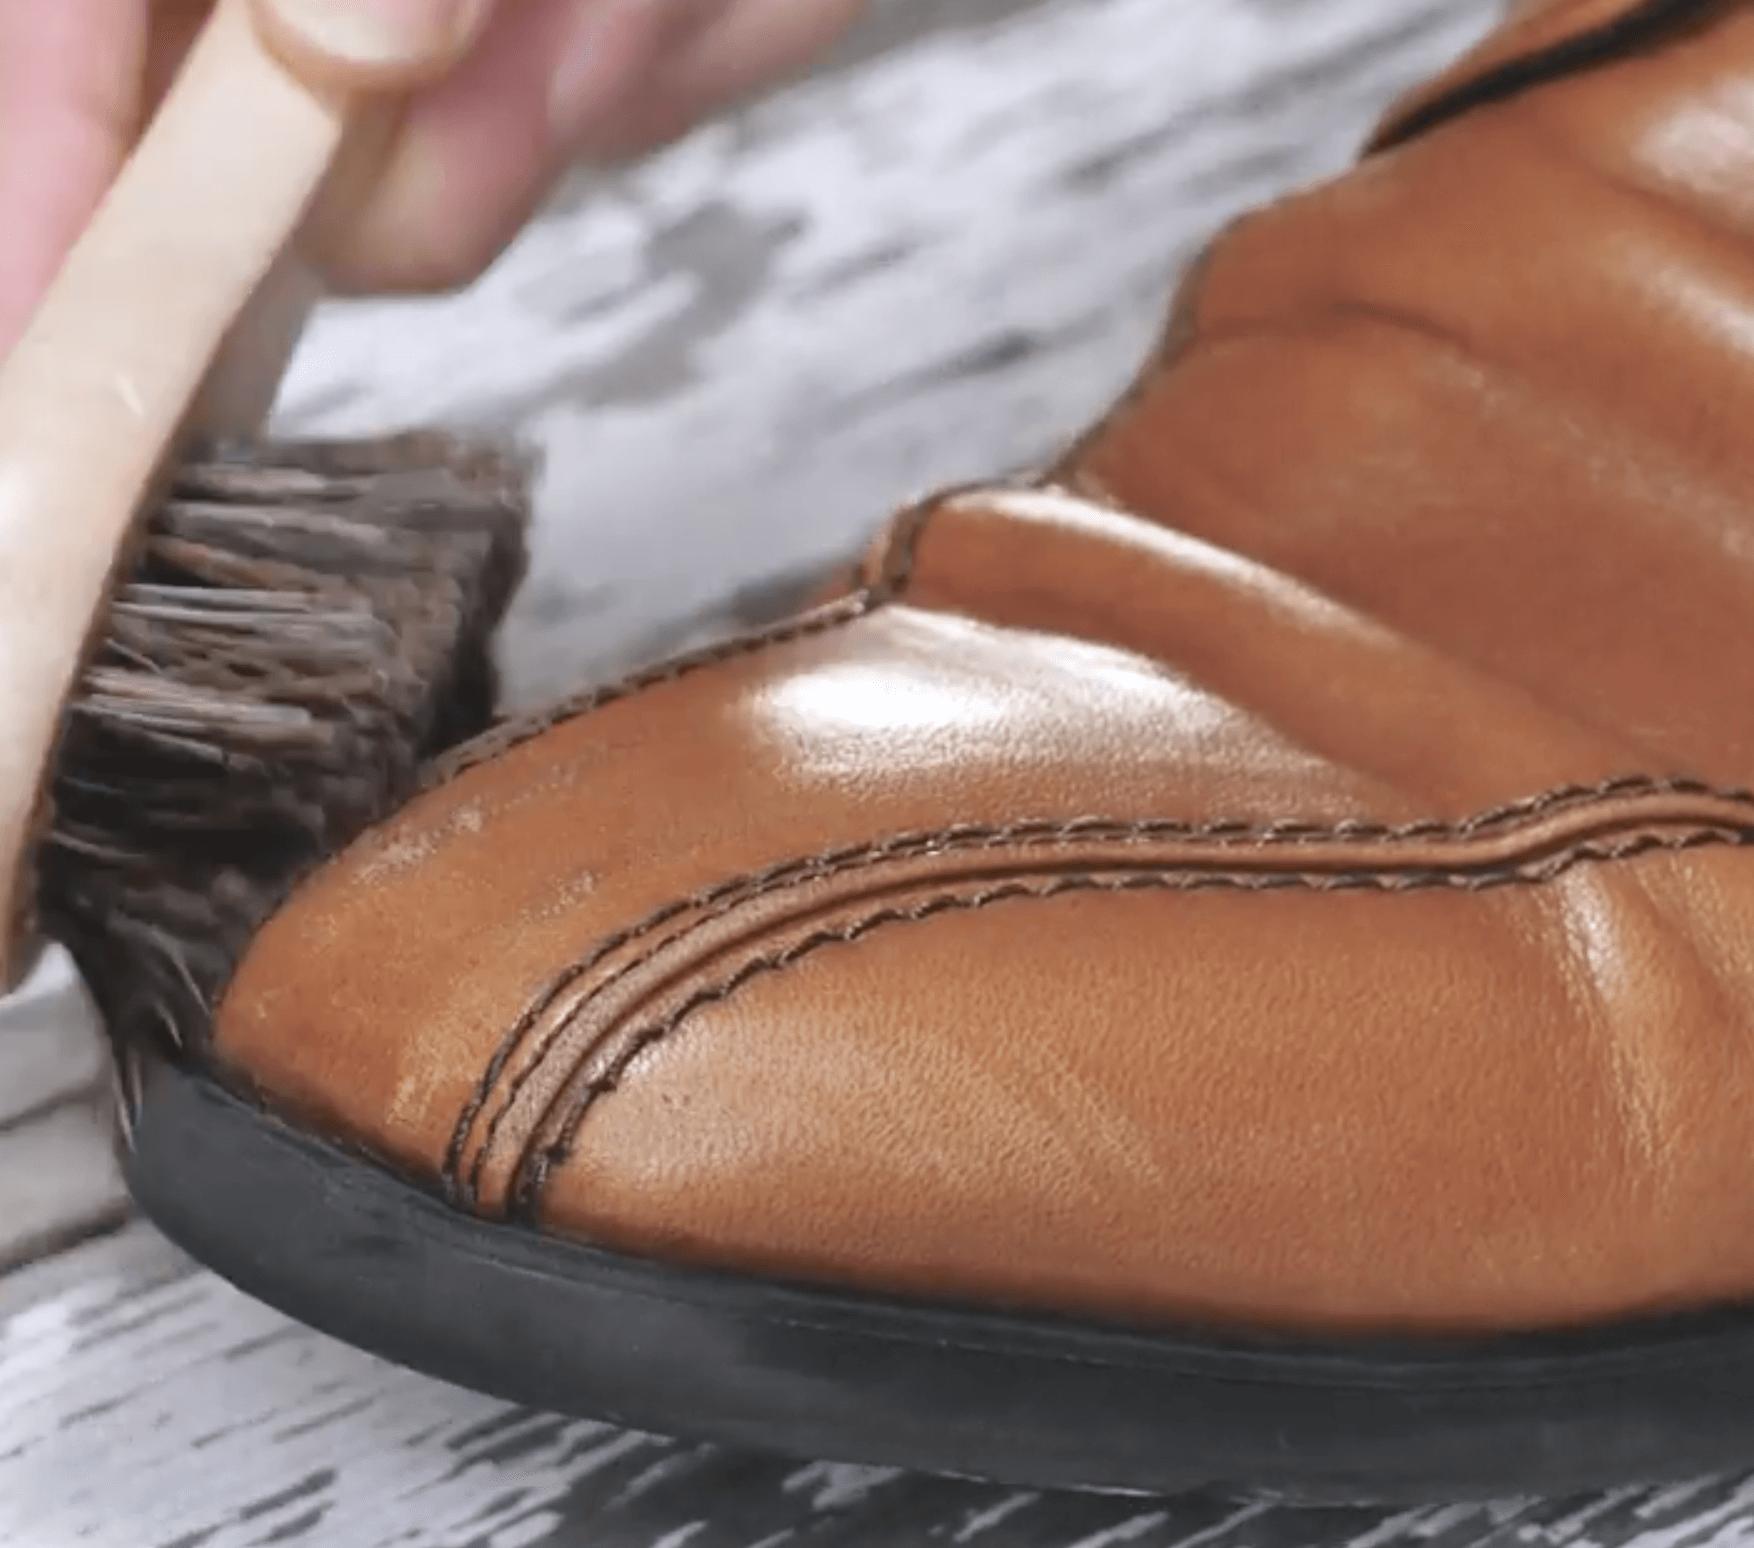 自分でできる!簡単な「革靴の擦り傷」応急処置の方法3選